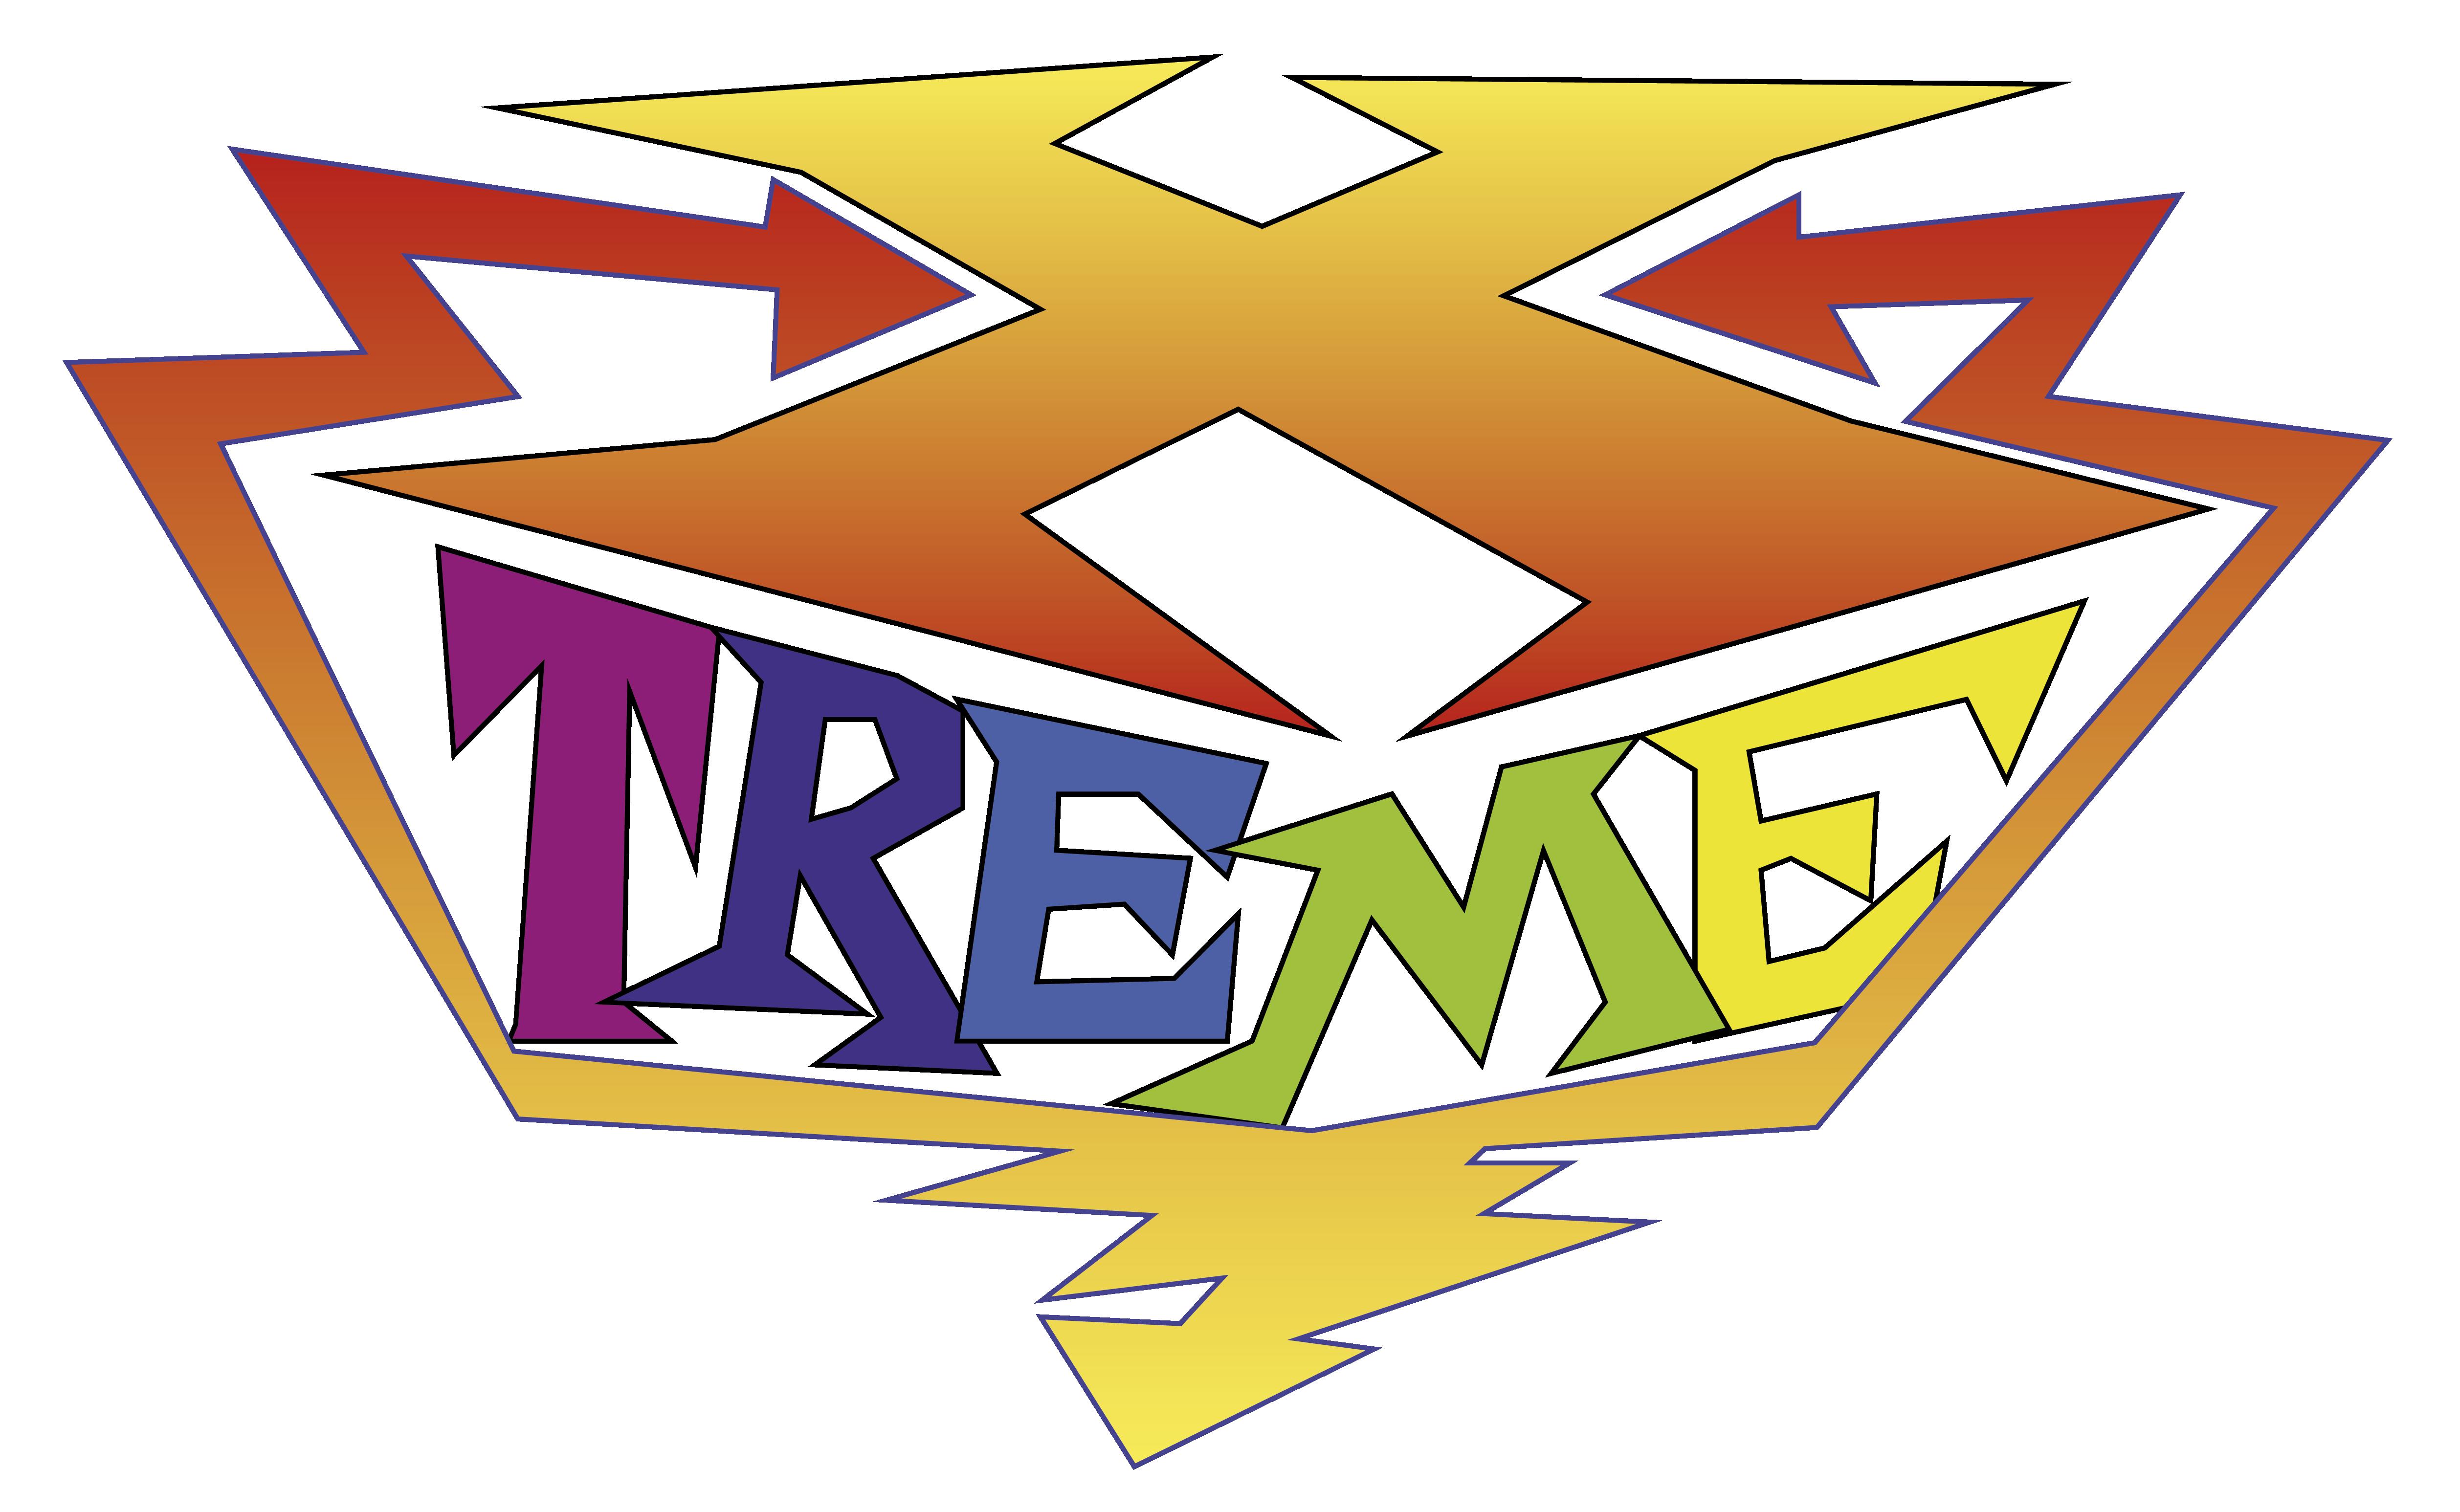 X-Treme Unterhaltungselektronik - Spielautomaten aus Wels | Die Profis für Spielautomaten aus Oberösterreich. Aufstellung, Vermietung und Verkauf von Spielautomaten. Alkomaten, Kraftmaschinen, Kicker, Boxen, Airhockey ..